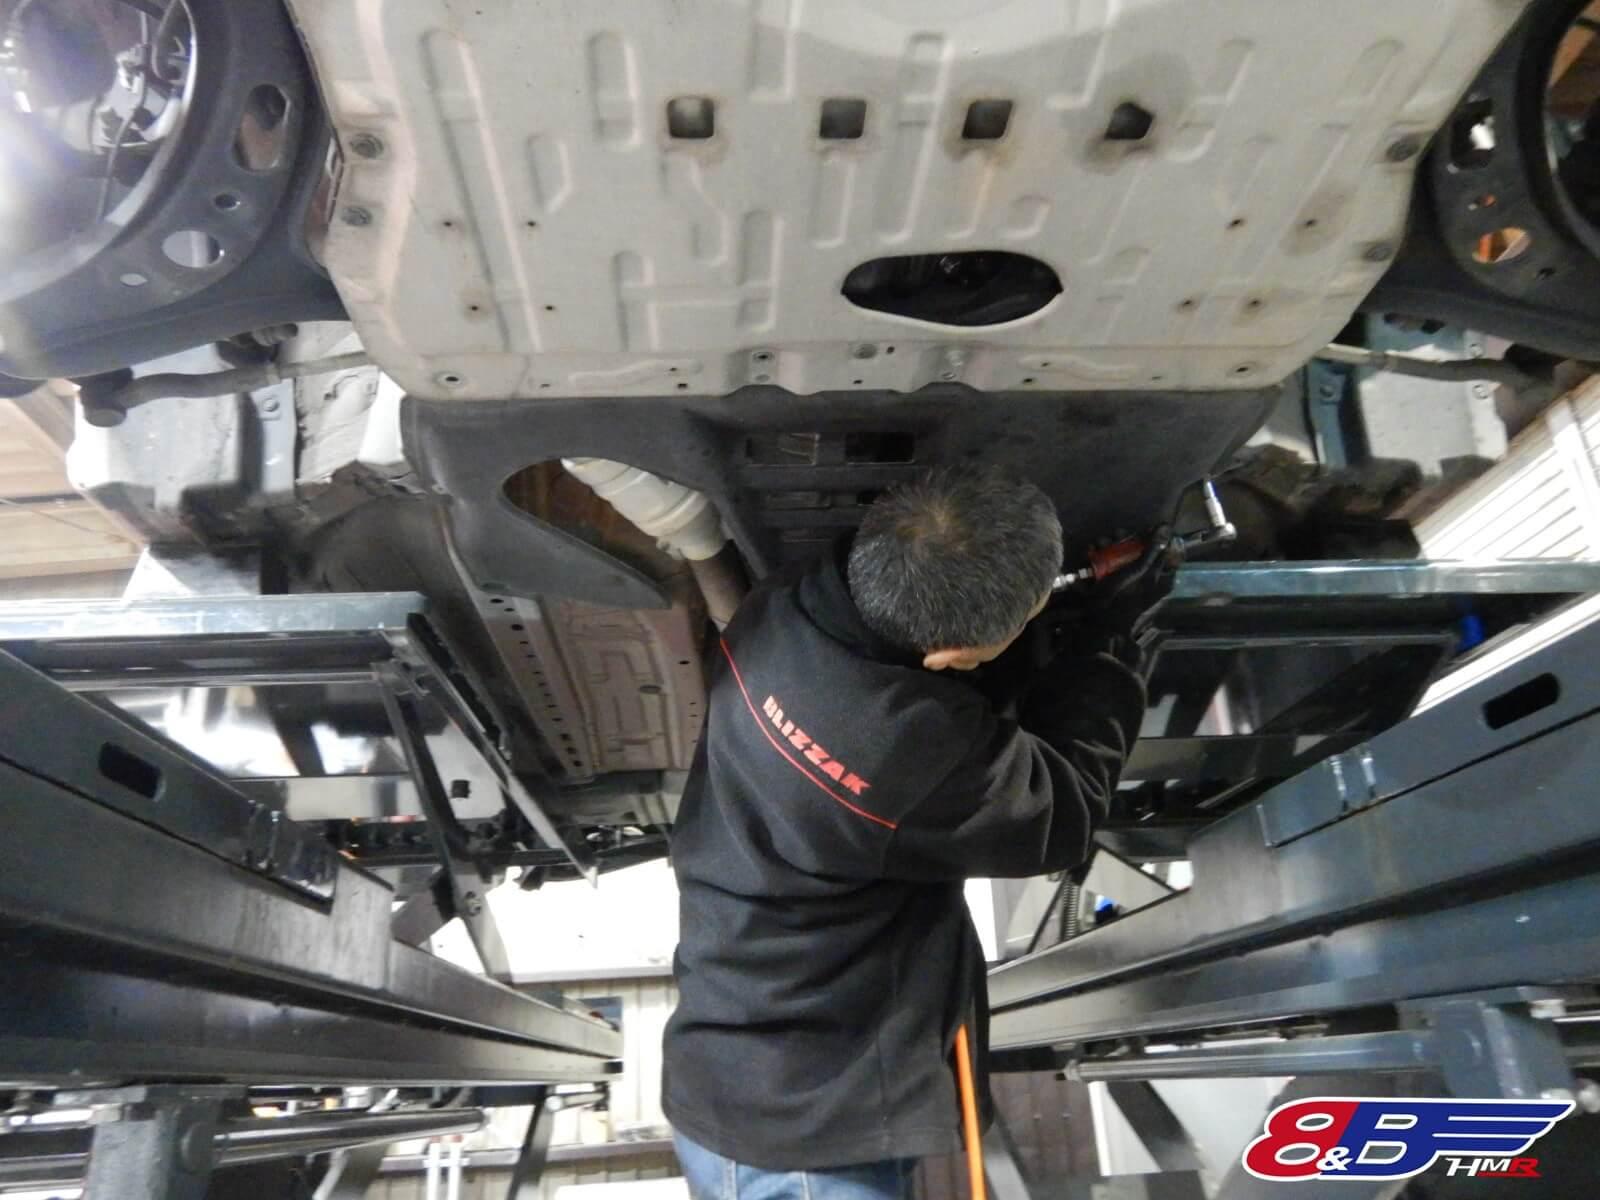 86 エアクリーナー スパークプラグ エンジンオイル デフオイル トランスミッションオイル 交換